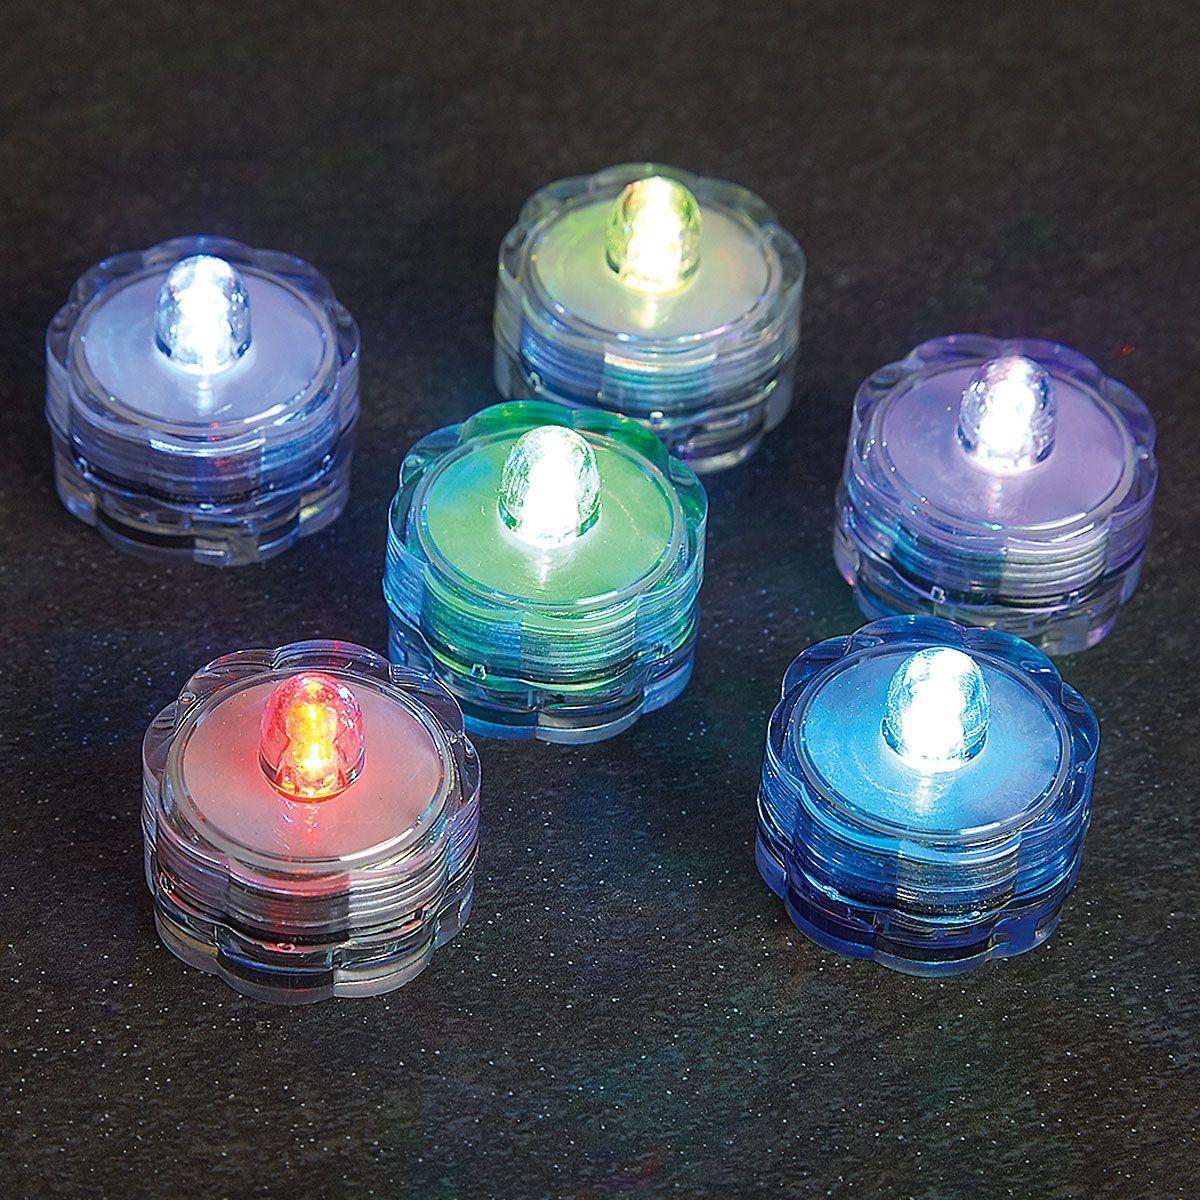 LED Waterproof Tea Lights